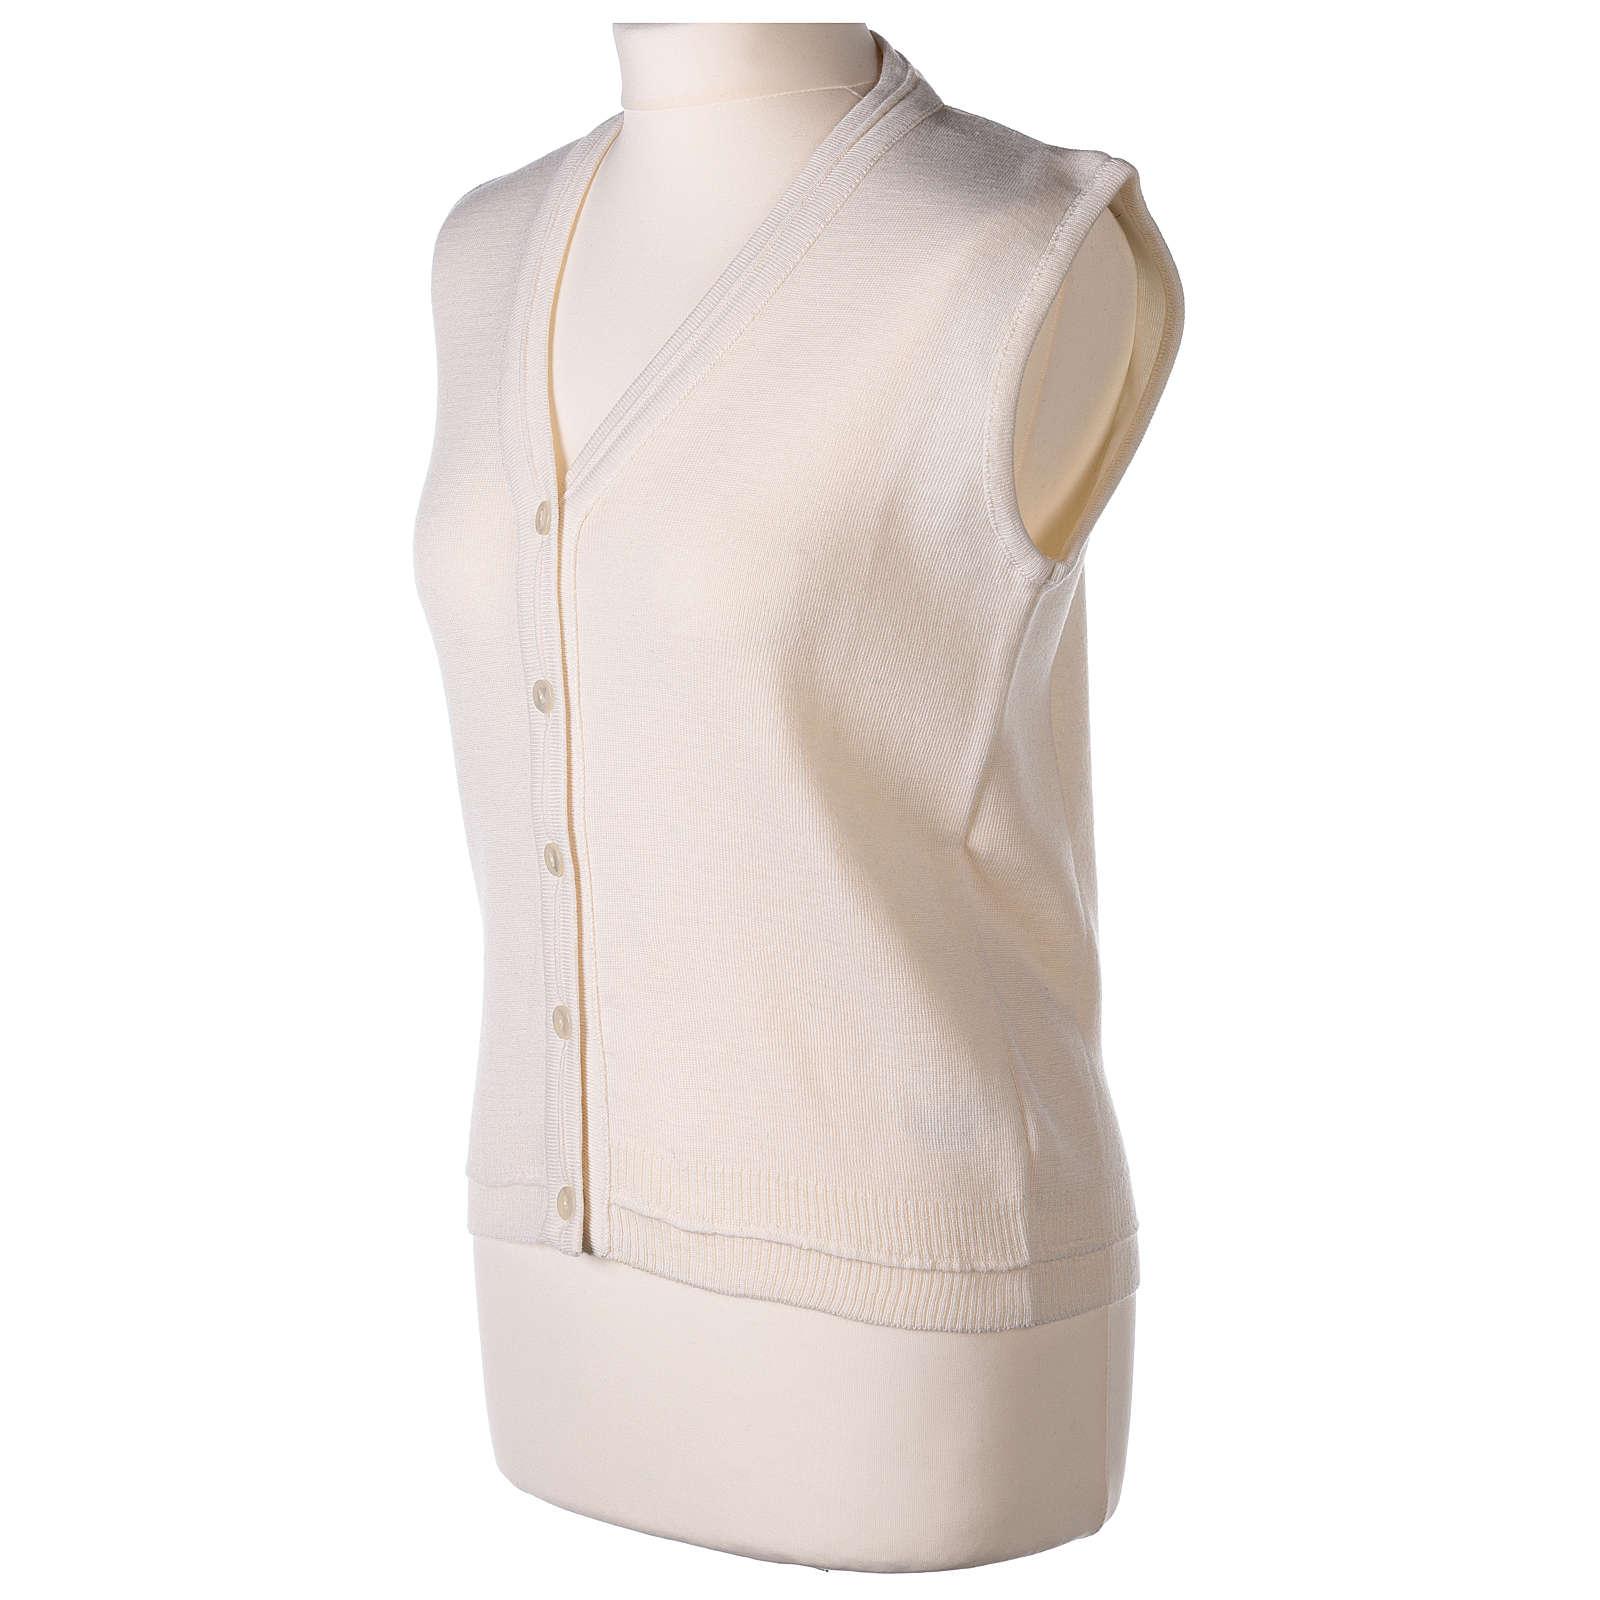 Gilet bianco corto collo a V 50% acrilico 50% lana merino suora In Primis 4